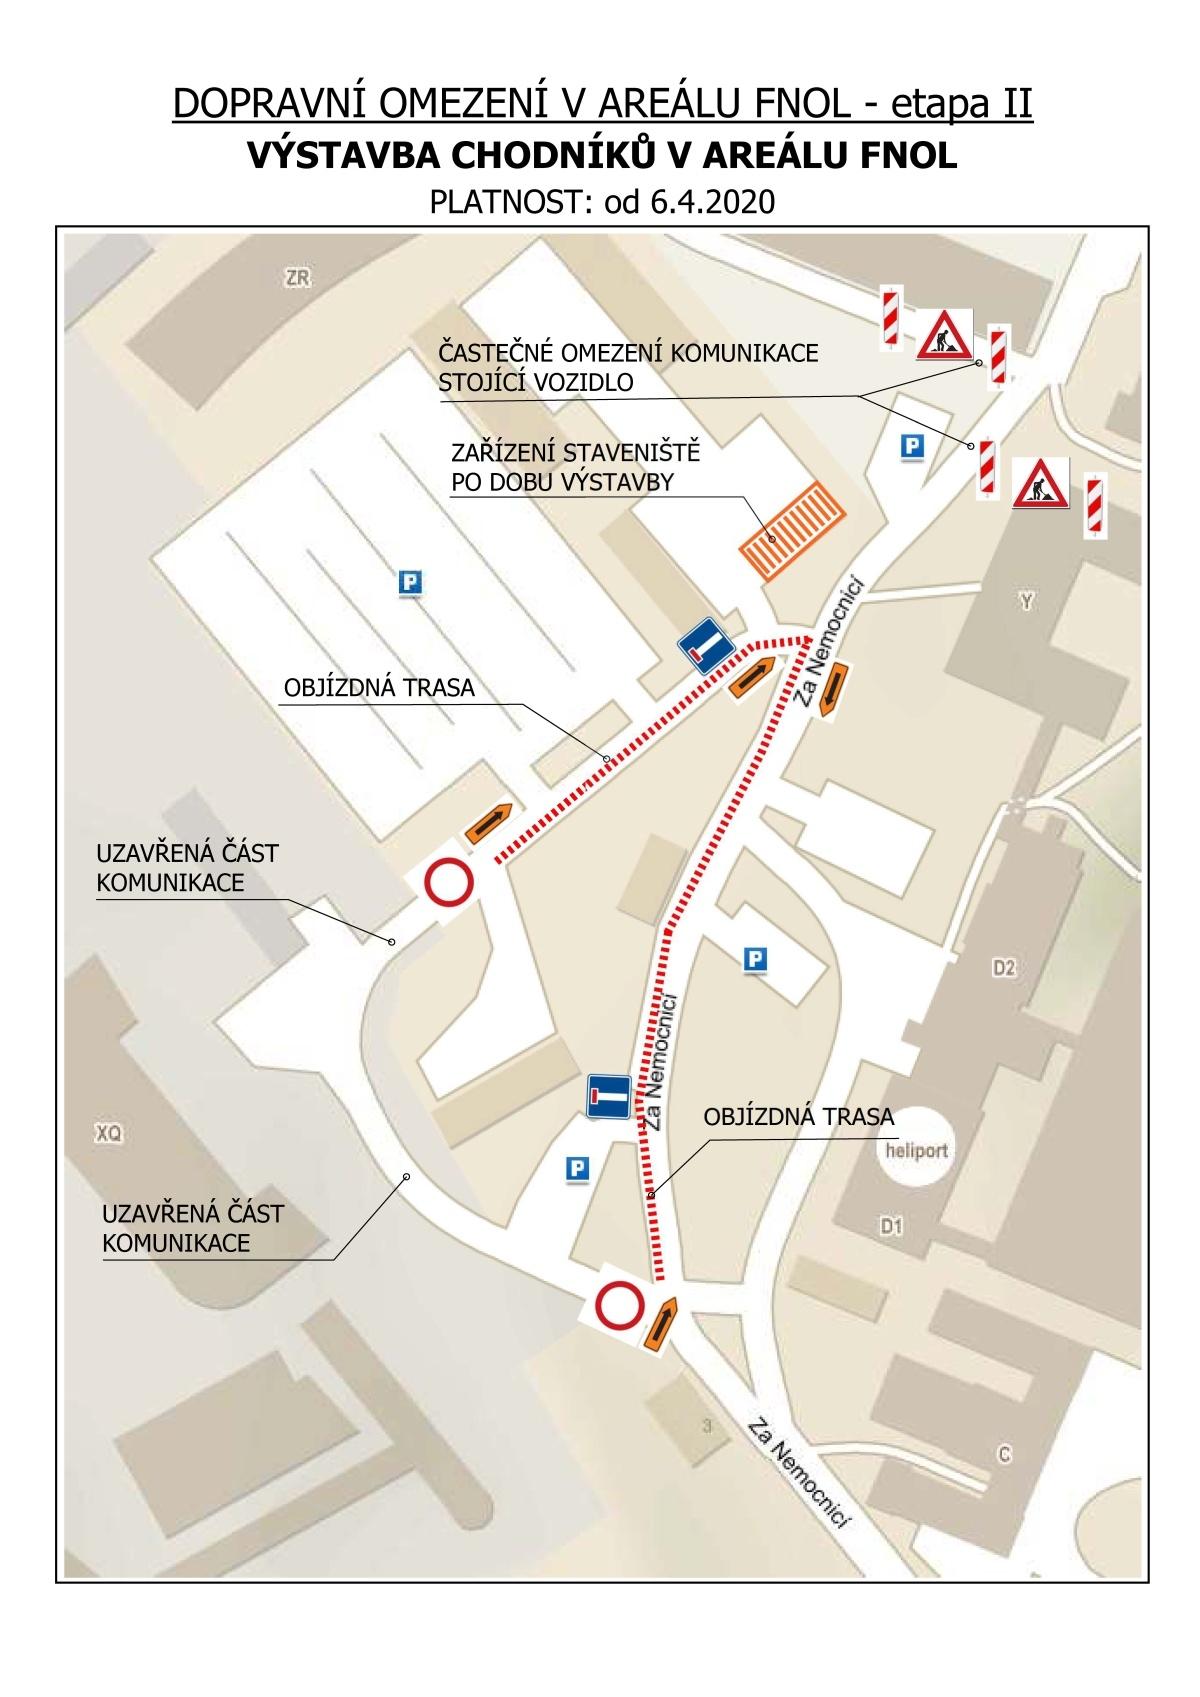 chodniky - dopravní omezení zdroj: FNOL